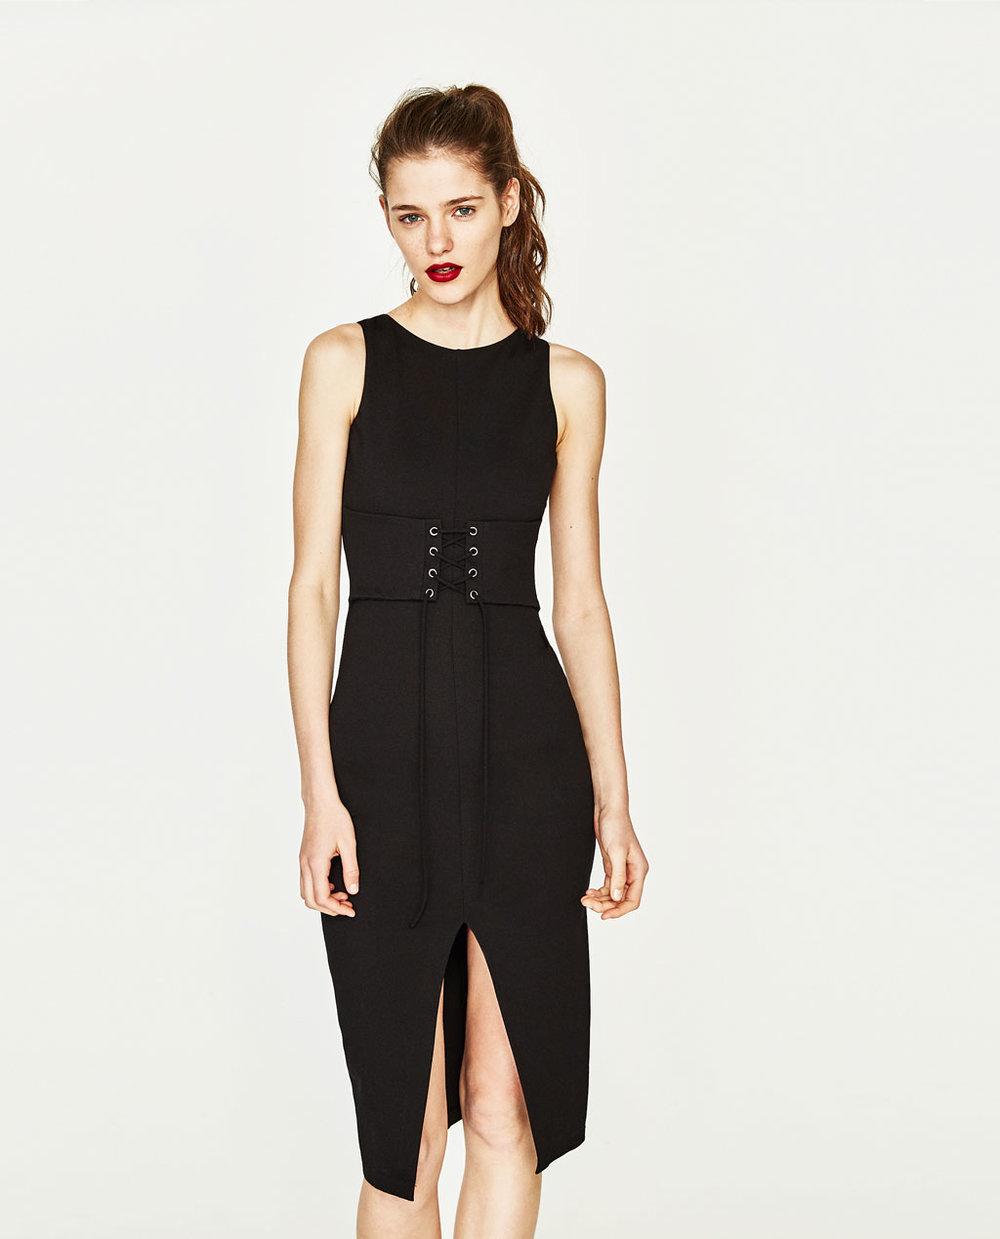 Buy at Zara